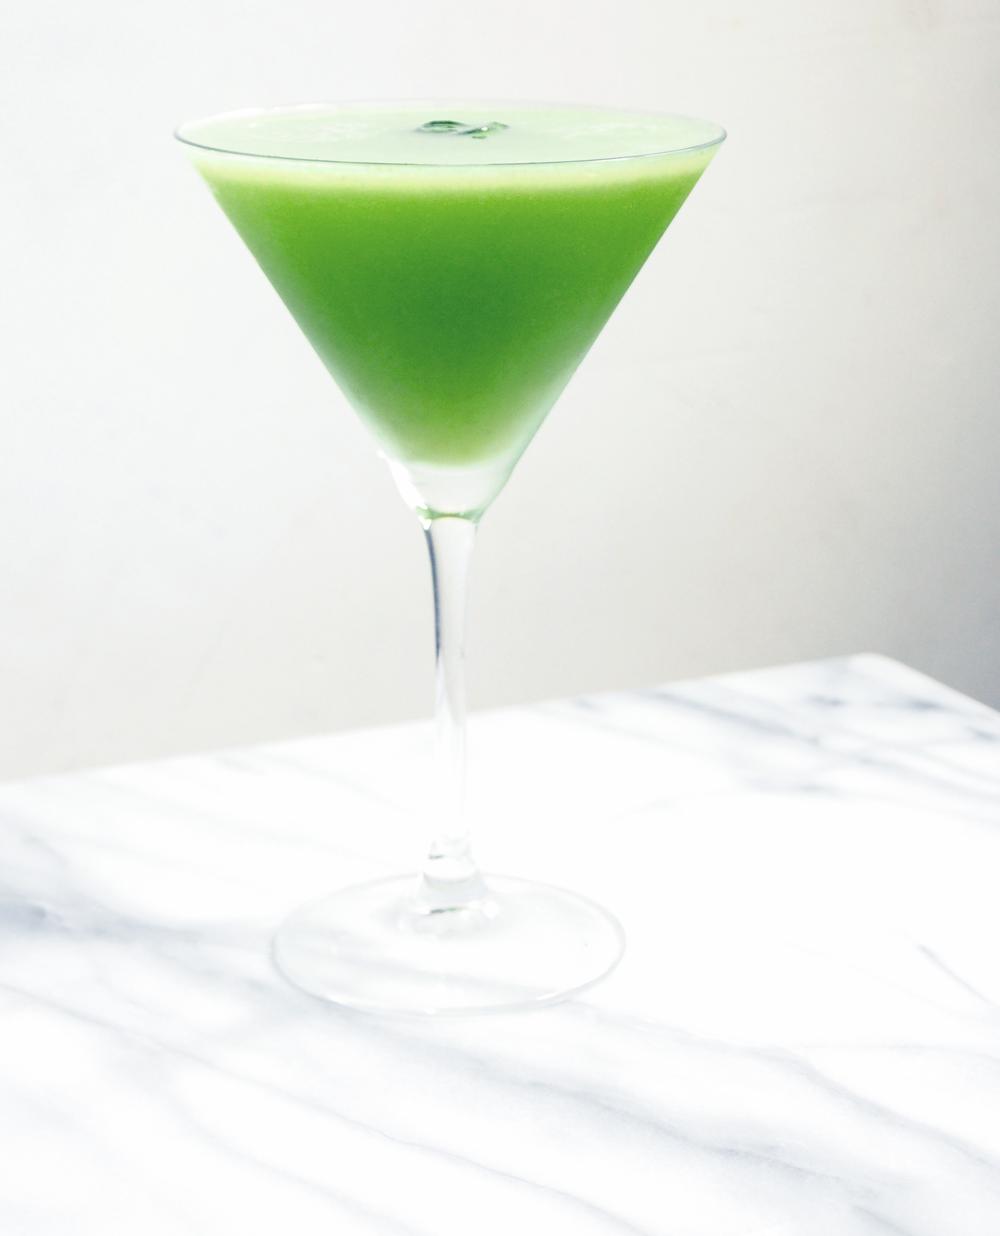 Cocktail recipe + photos by © Suzanne Spiegoski